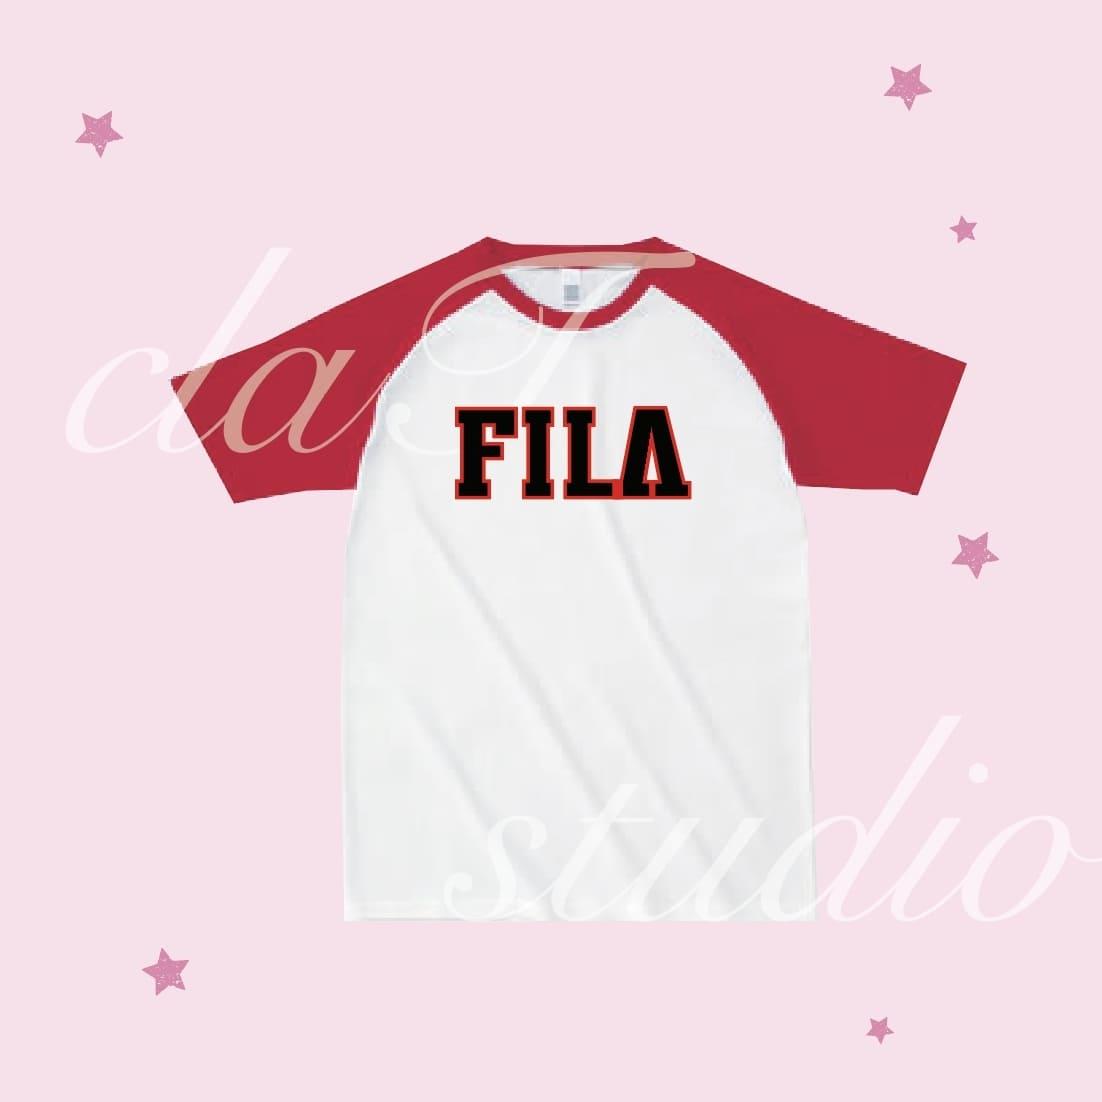 FILA_image_0001